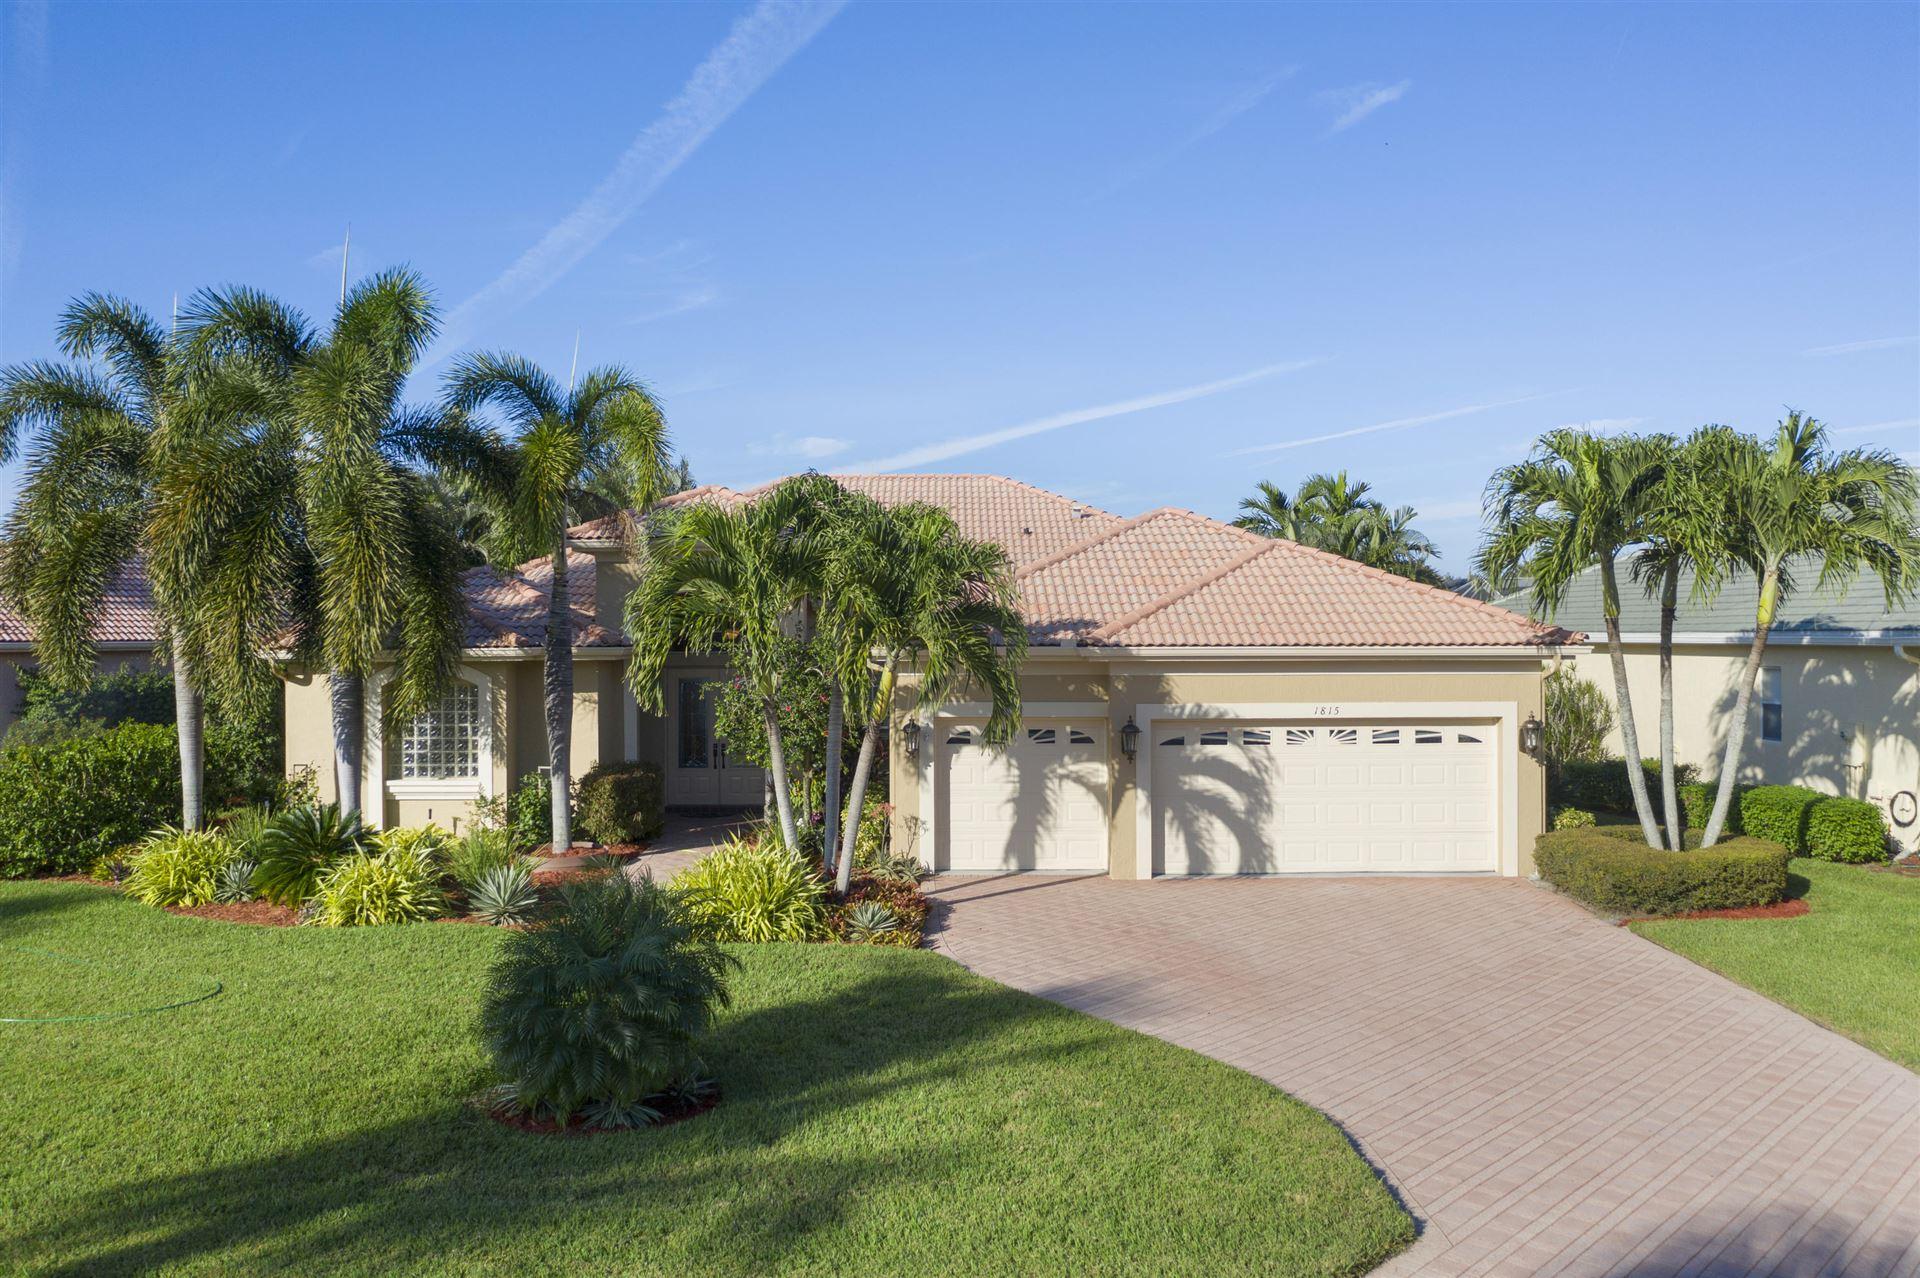 Photo of 1815 SE Killean Court, Port Saint Lucie, FL 34952 (MLS # RX-10580864)